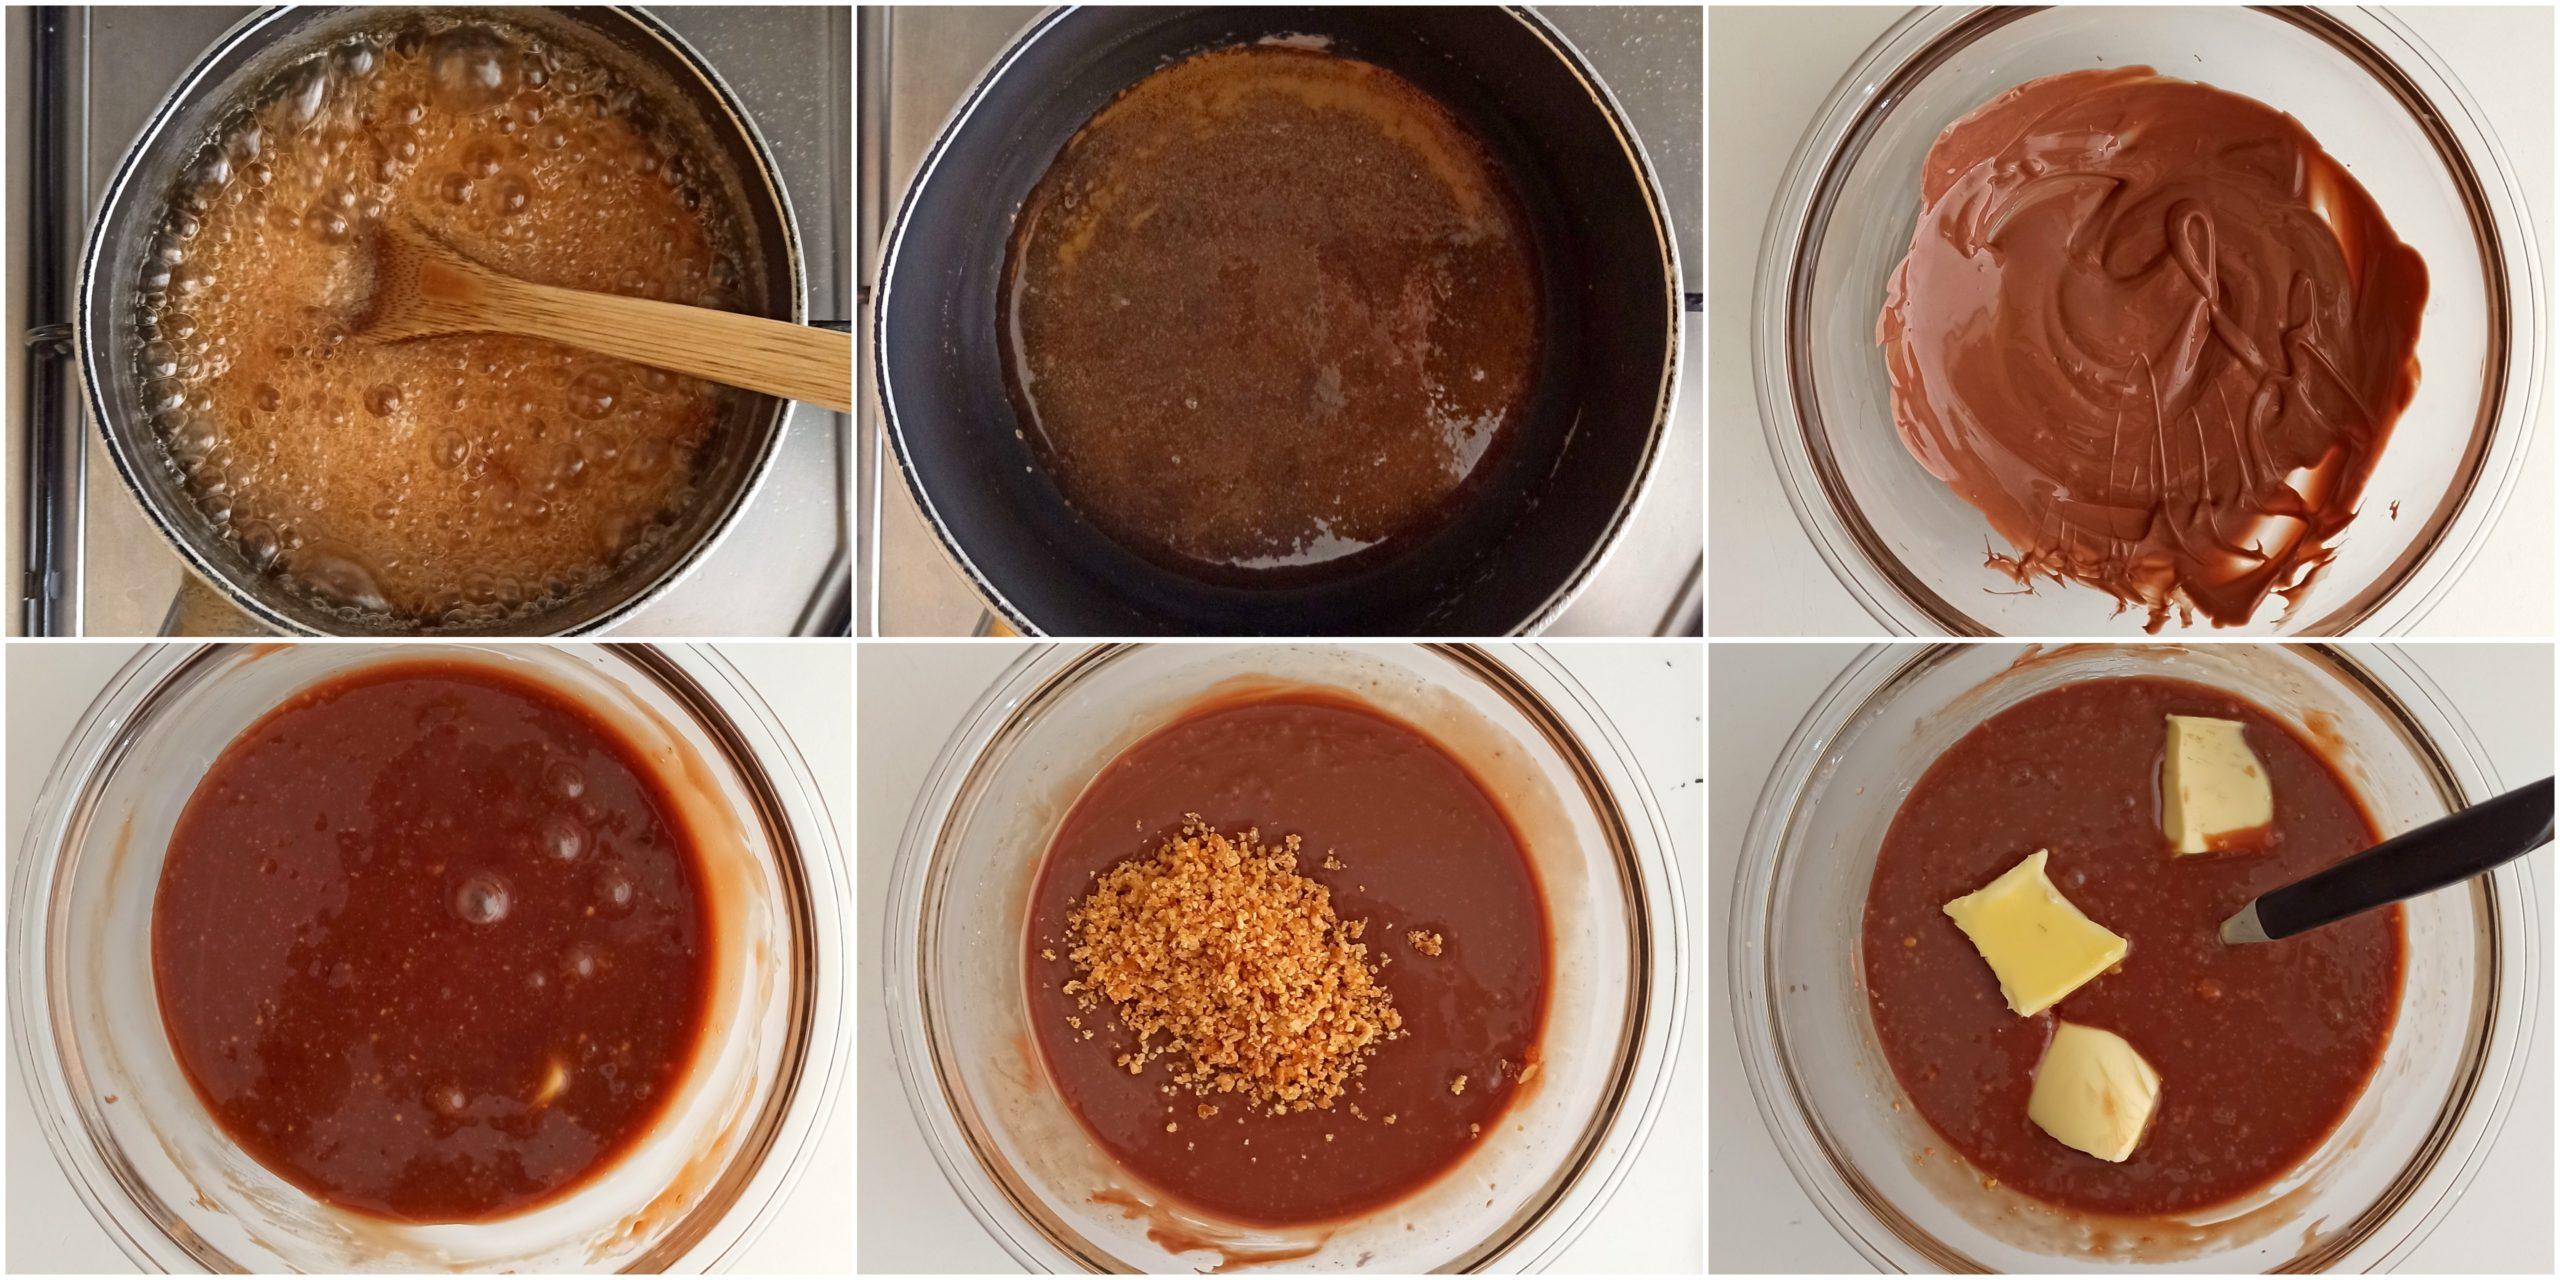 Barres choco-caramel sans gluten - La Cassata Celiaca